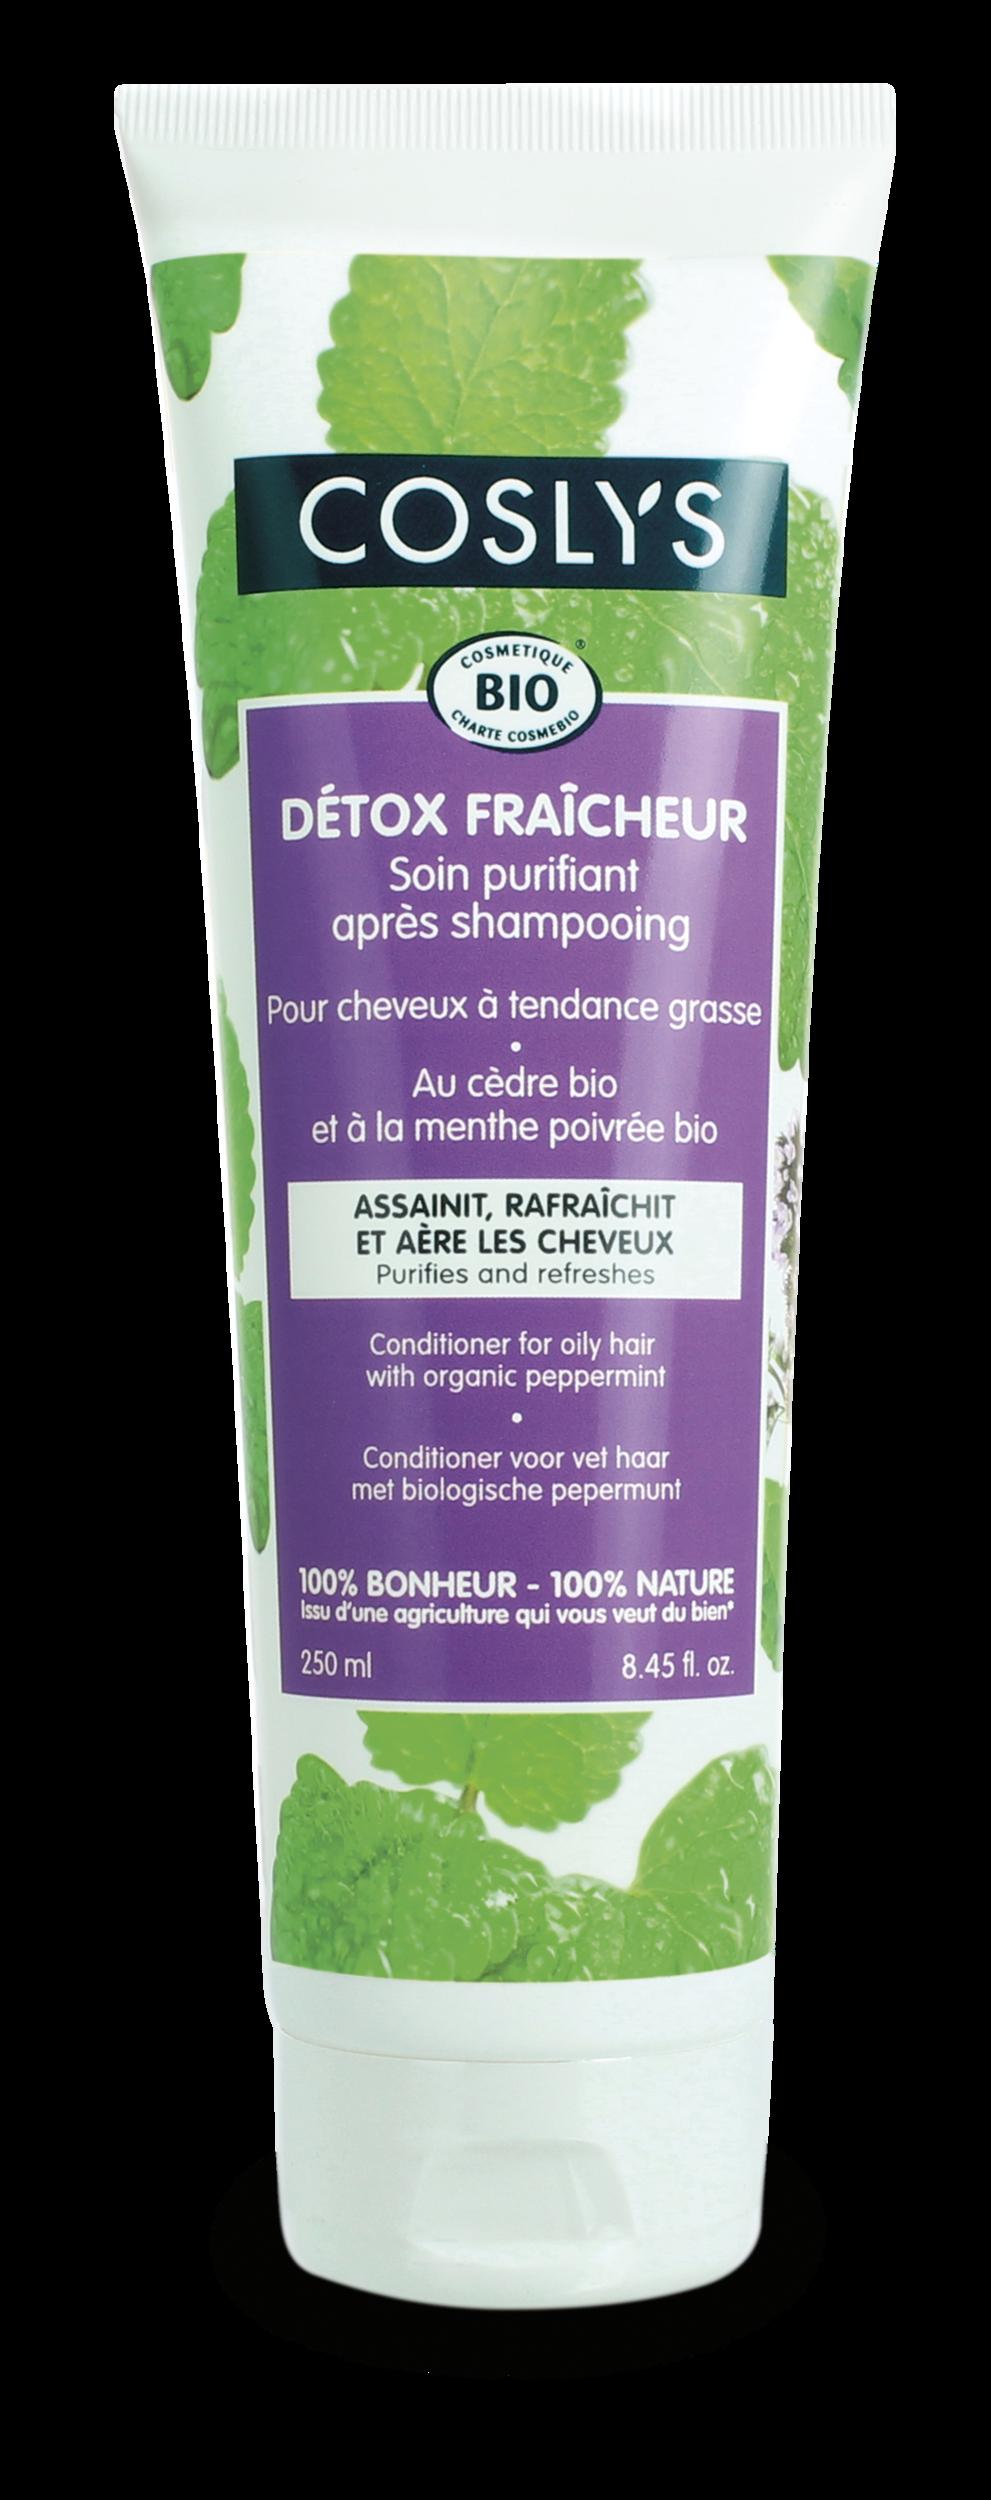 Coslys-detox-fraicheur-Apres-shampoing-cheveux-gras